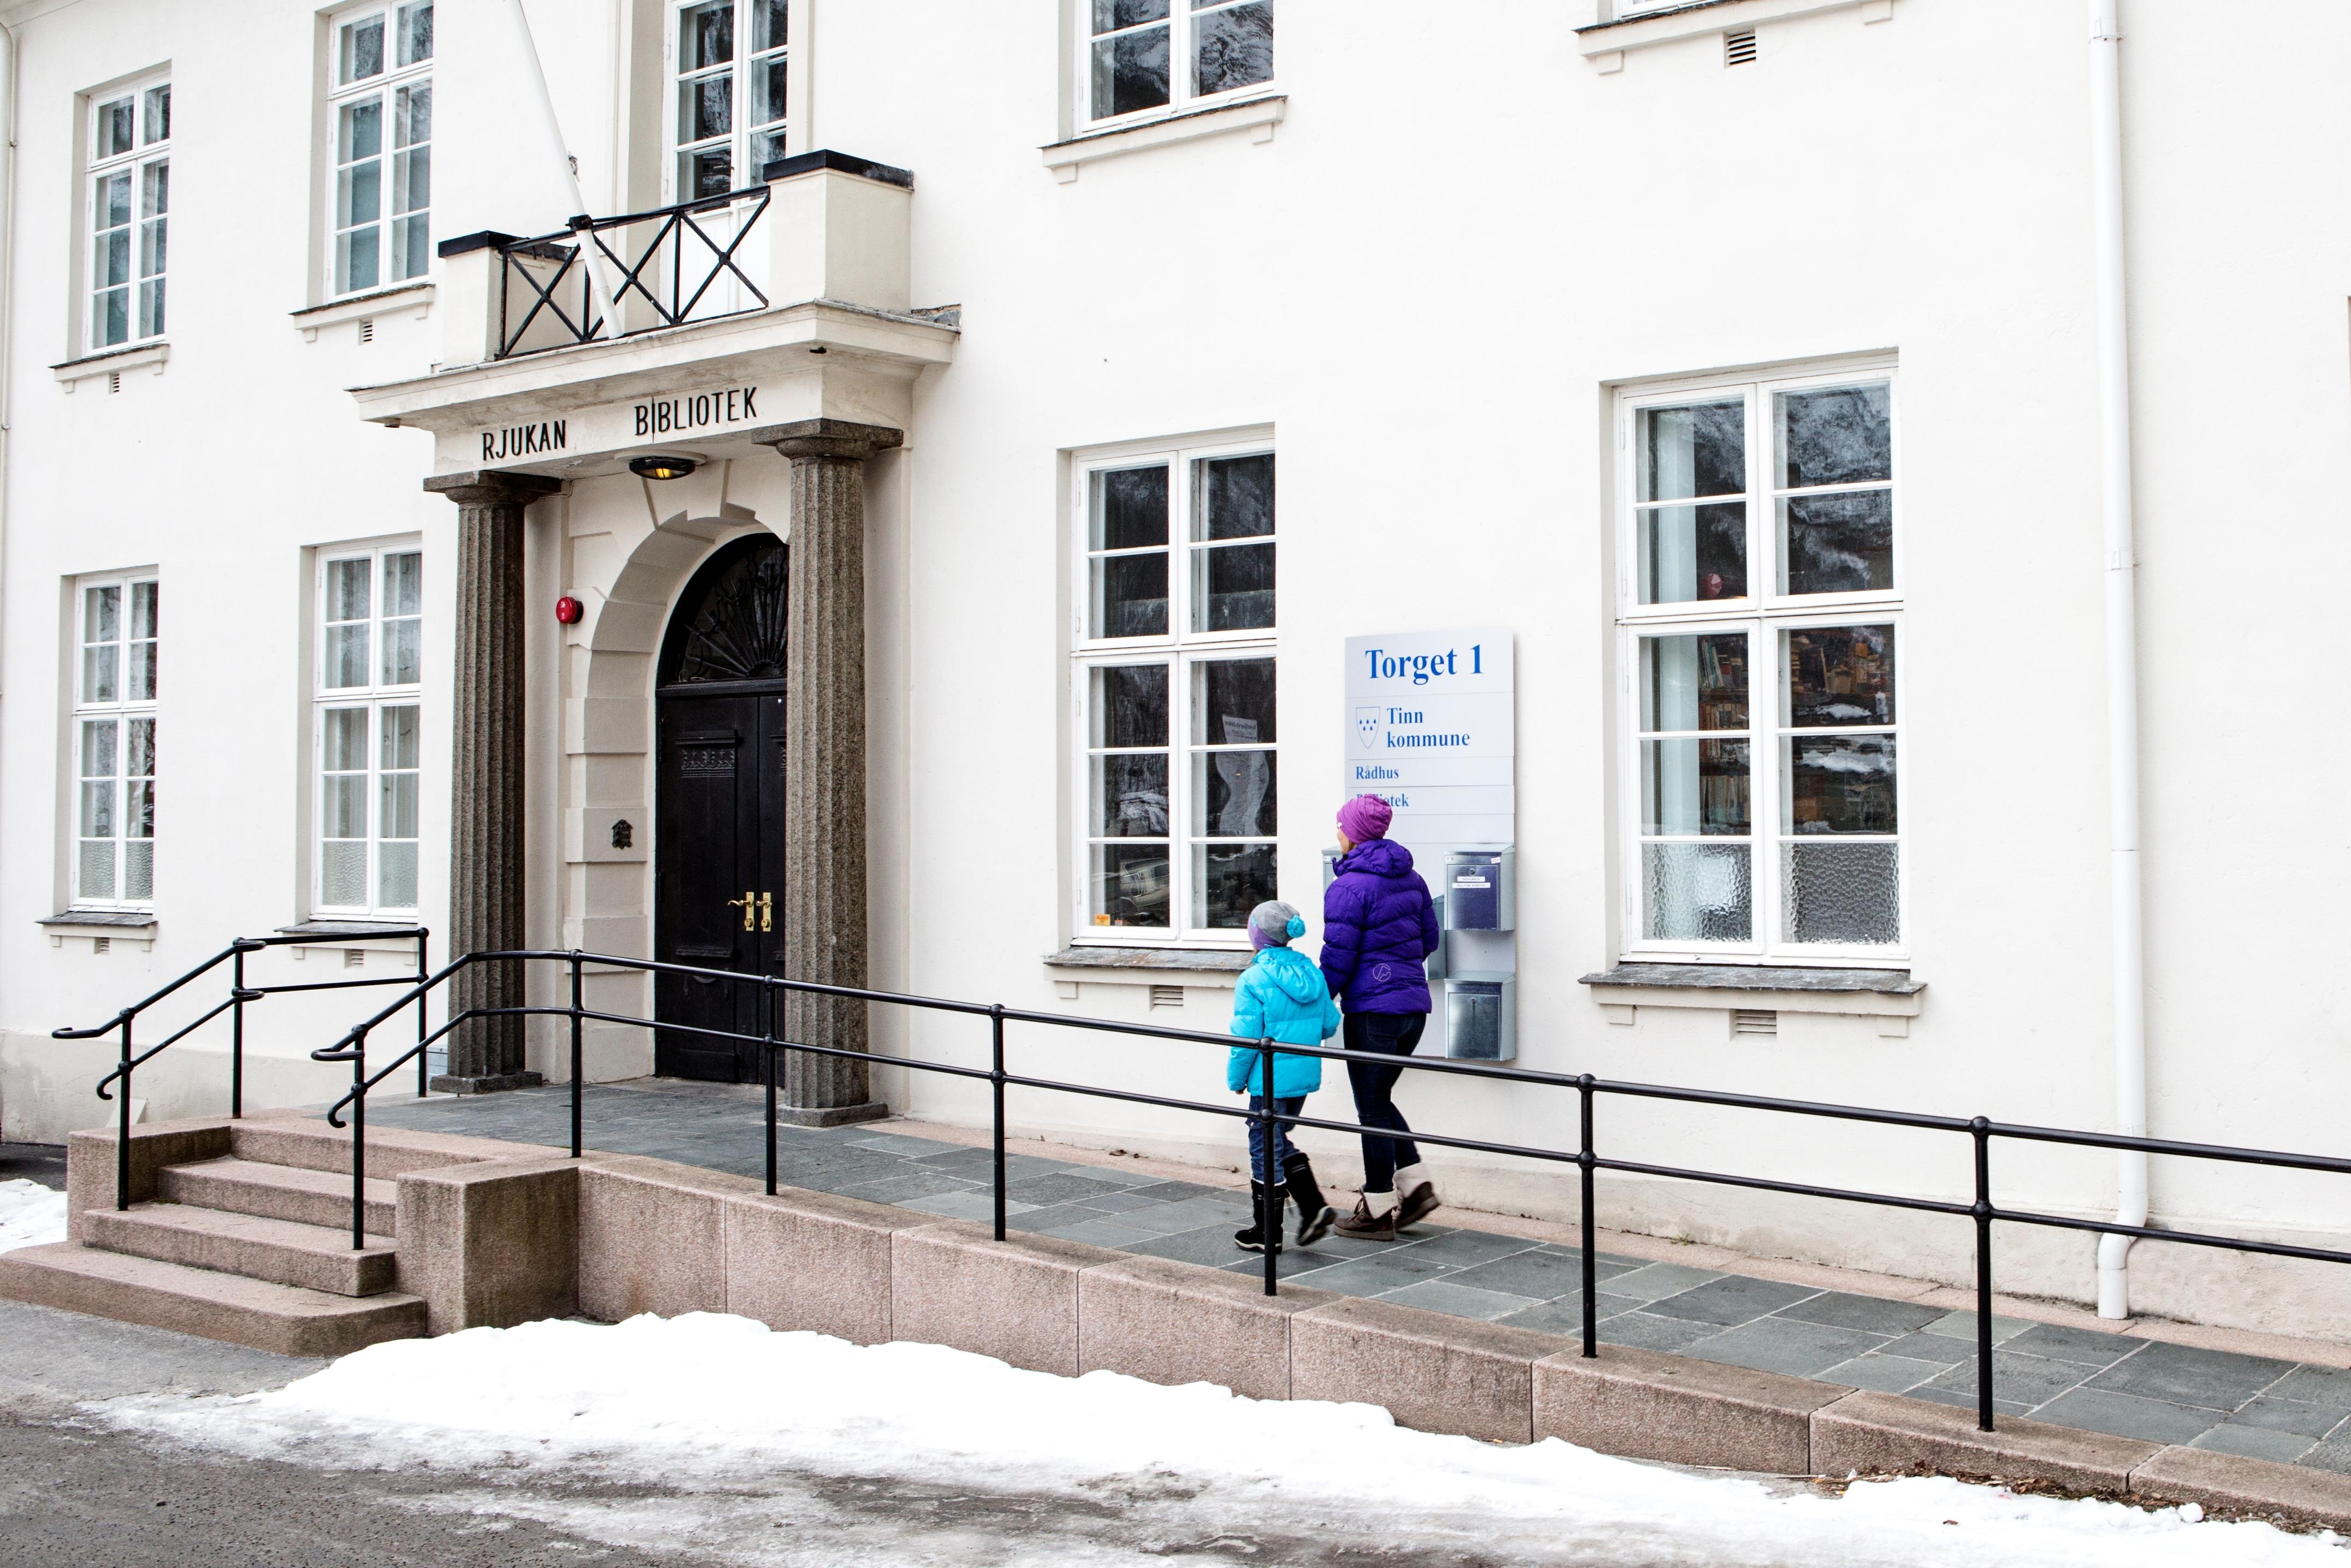 Fysisk aktivitet mot folkesykdommer - Rjukan bibliotek